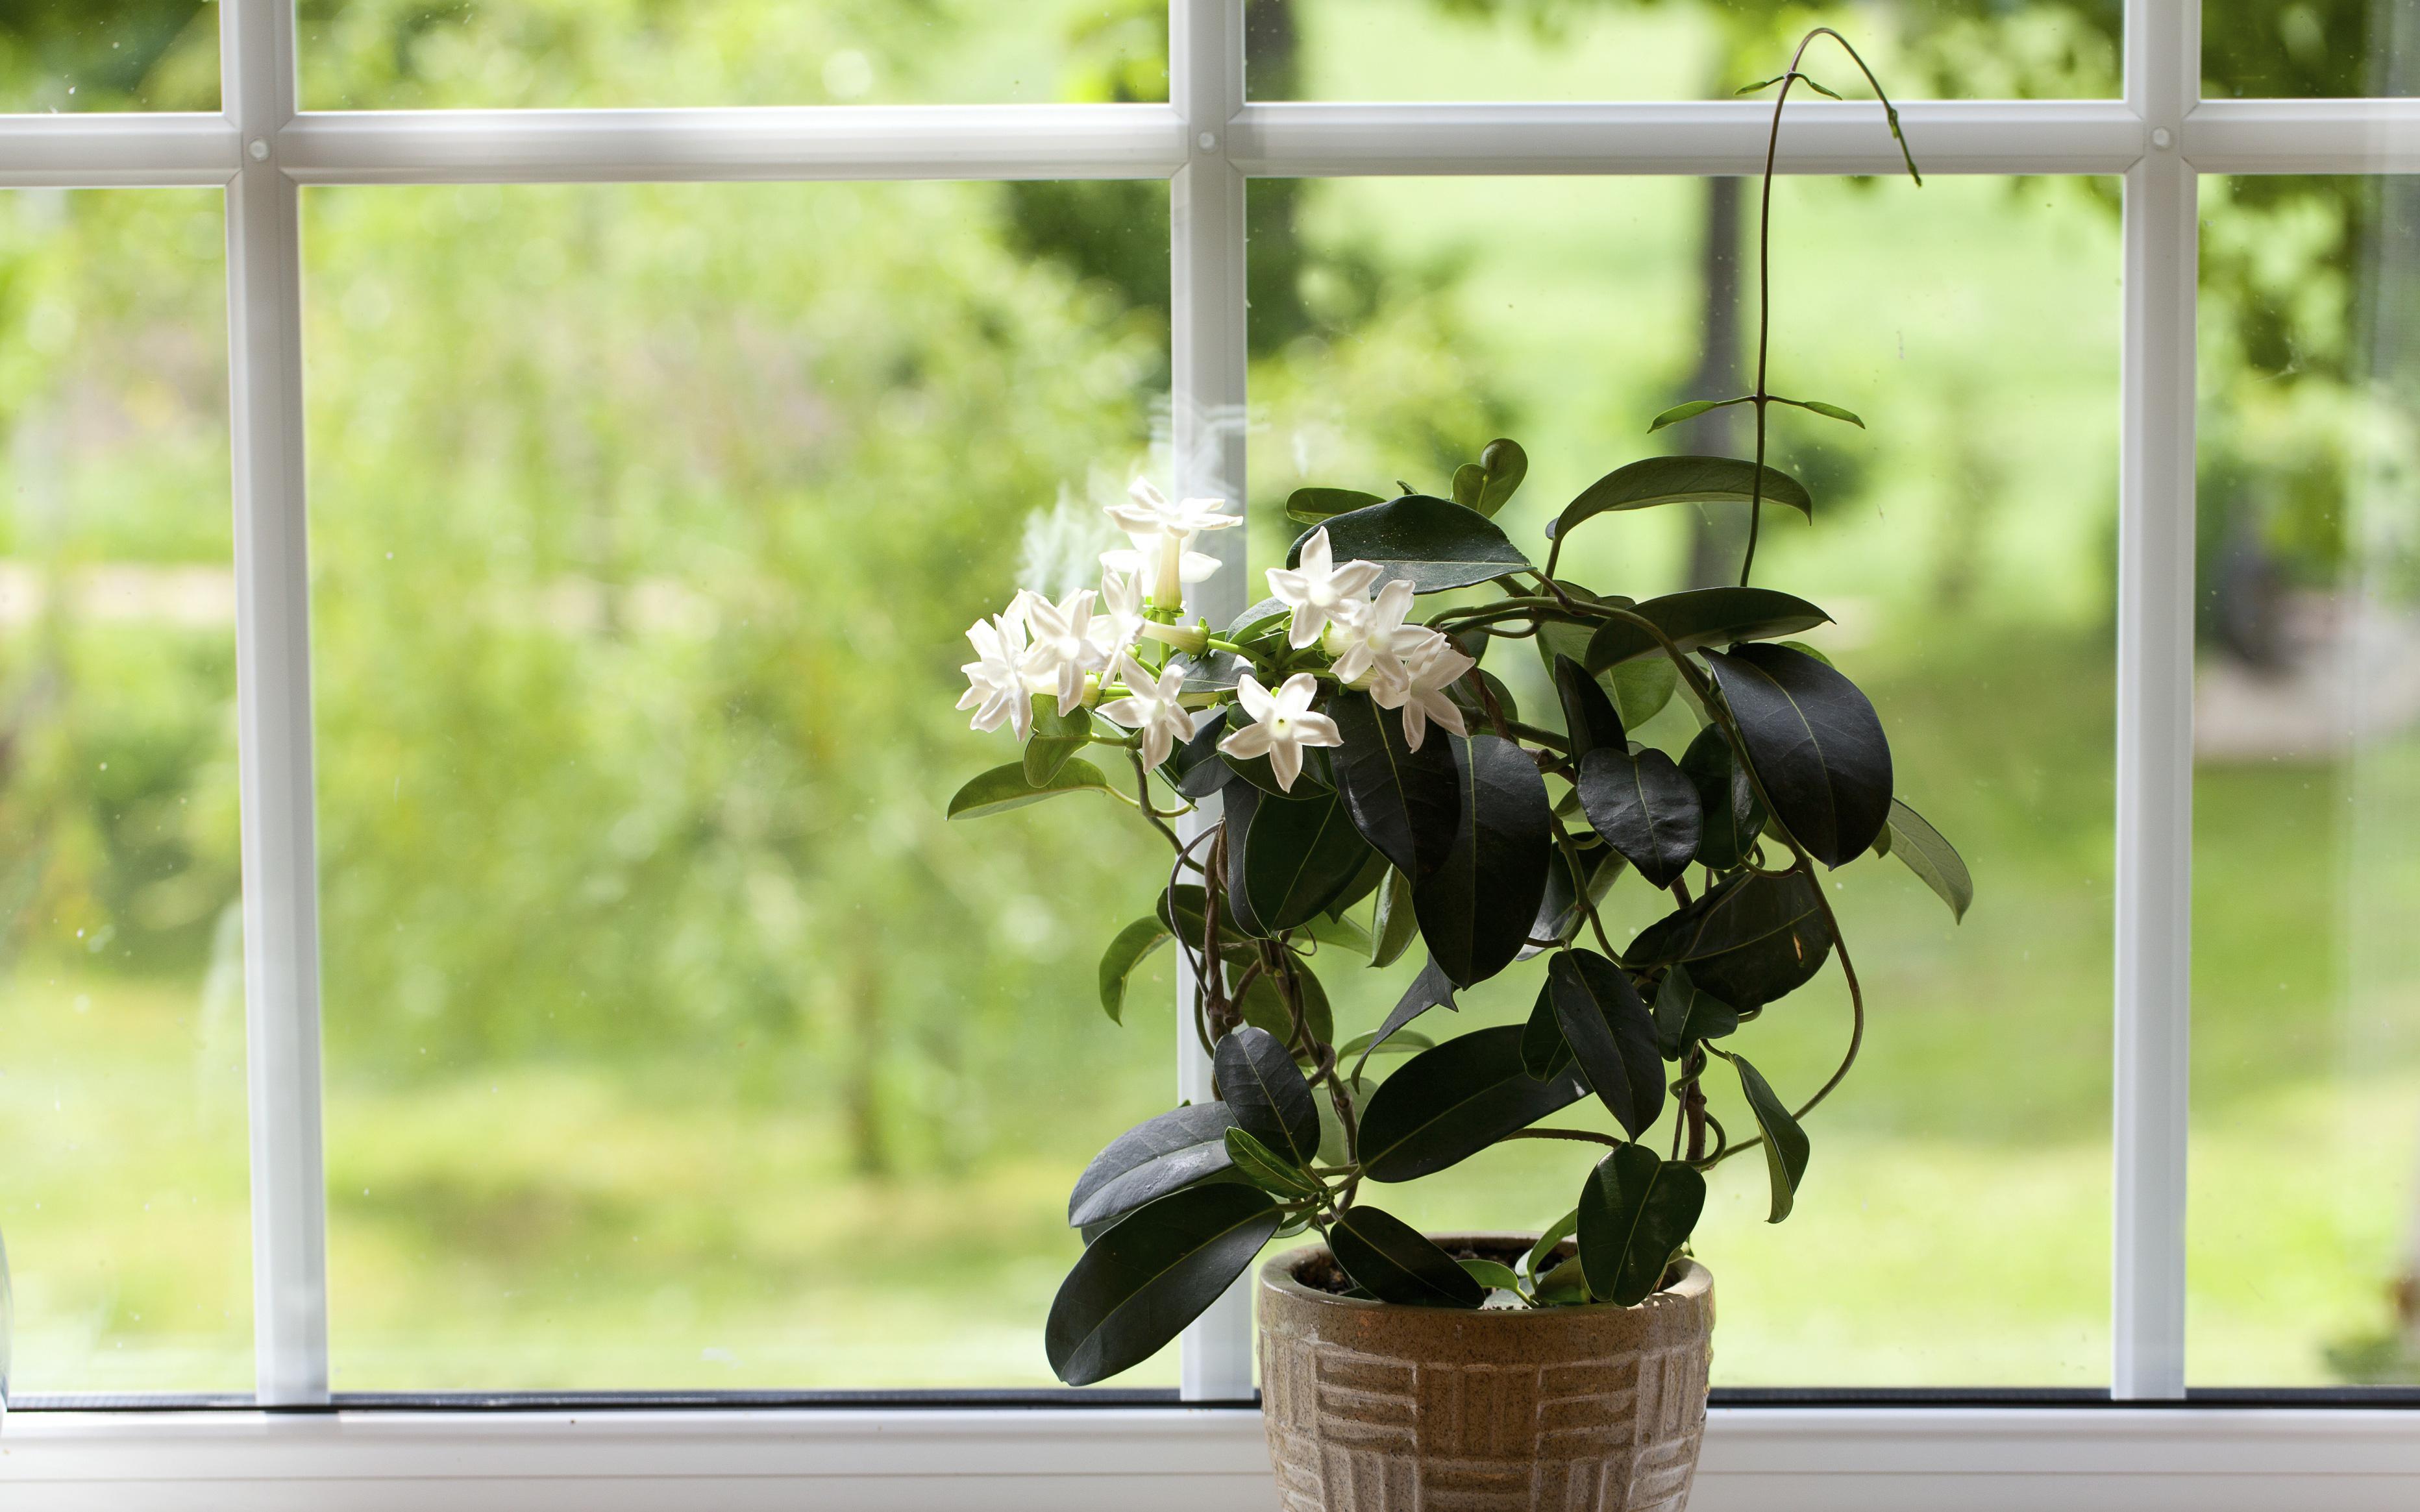 Bí quyết trồng hoa nhài trong chậu để cây xanh tốt quanh năm